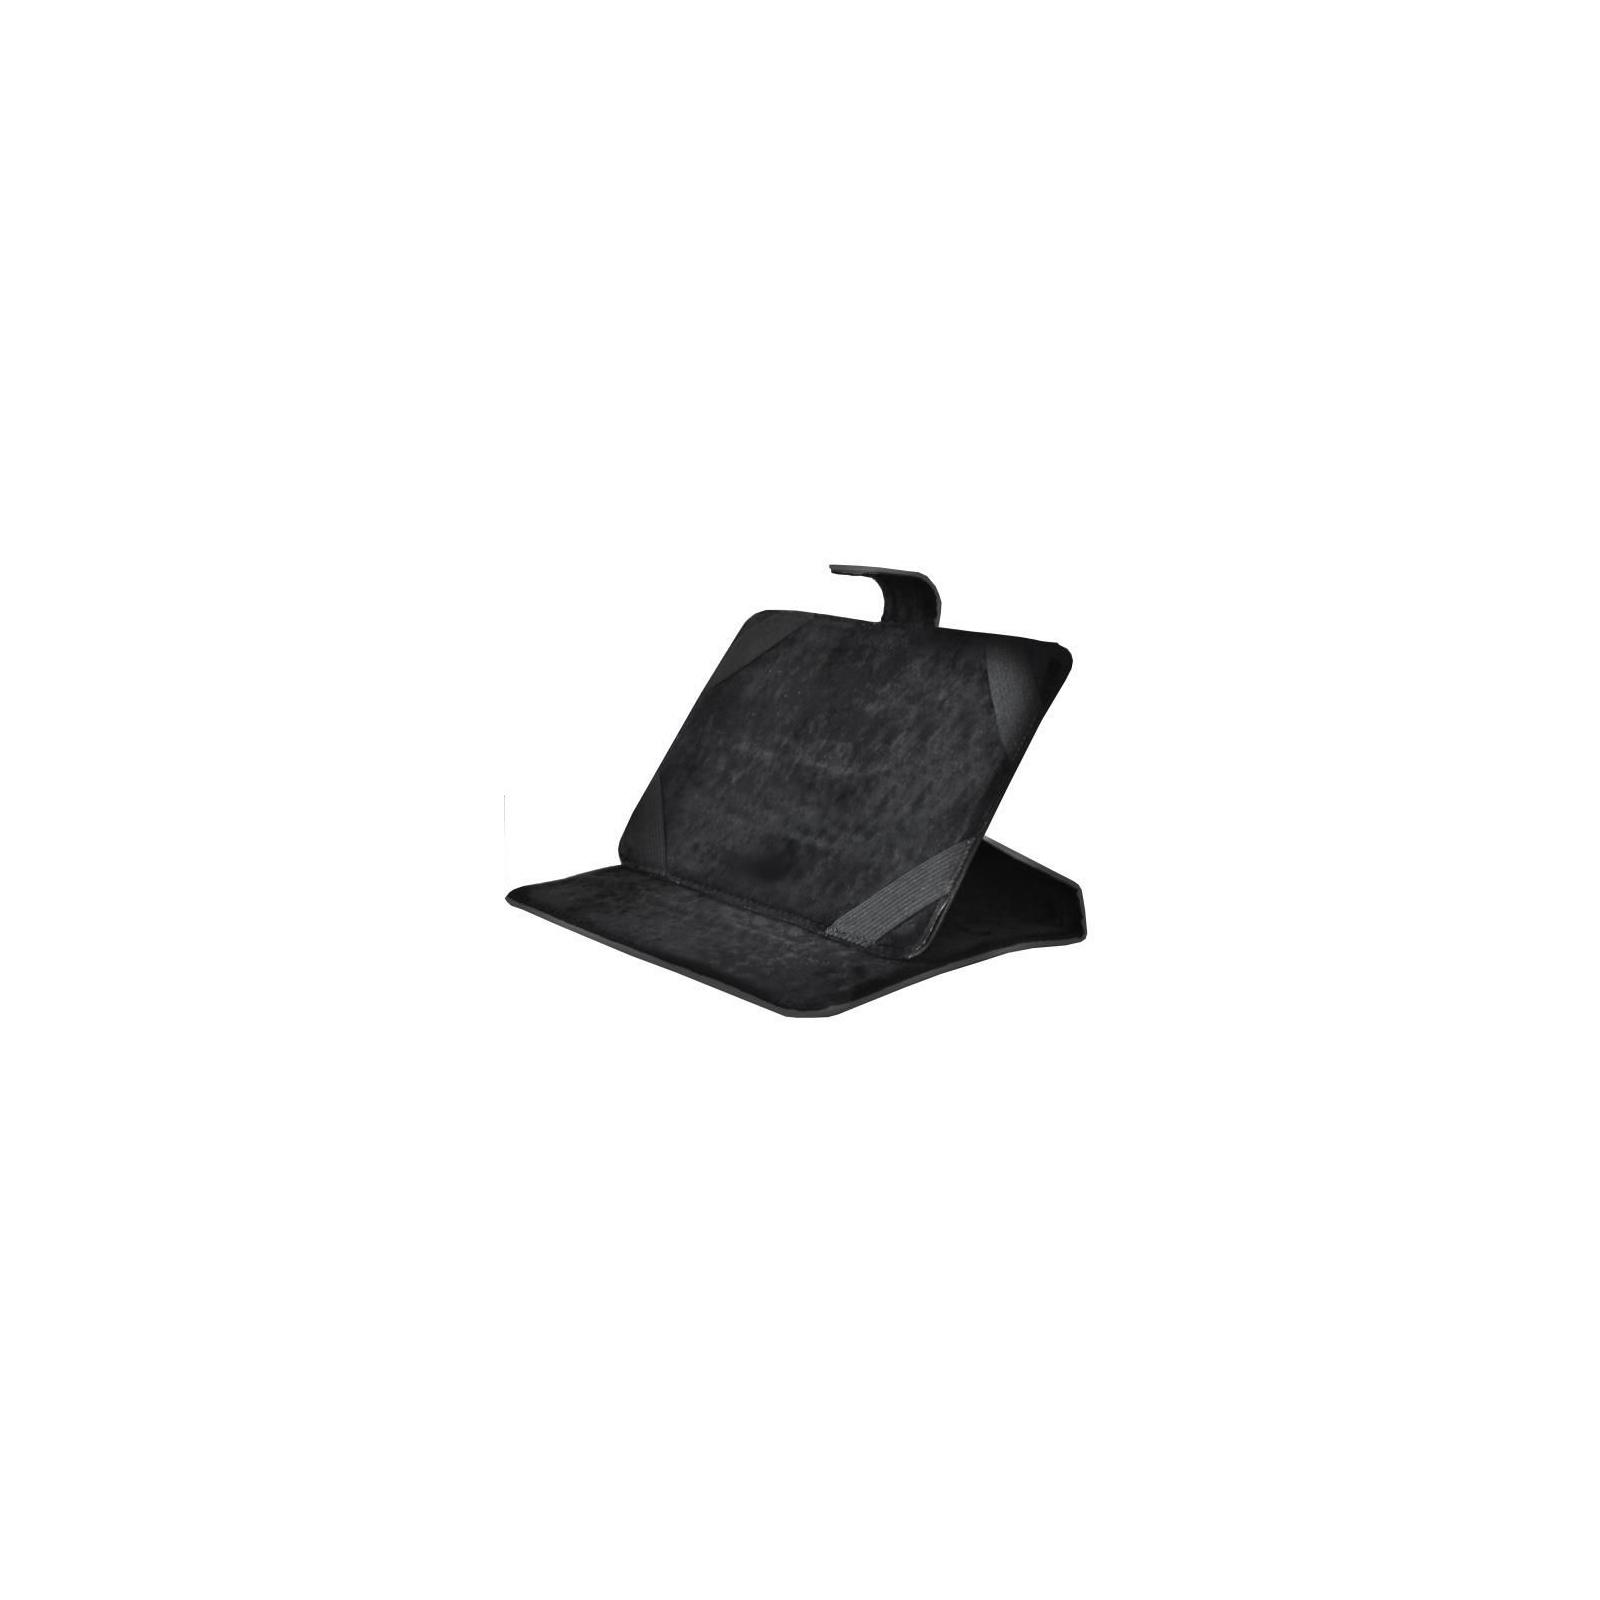 Чехол для планшета Vento 7 Advanced - black изображение 2